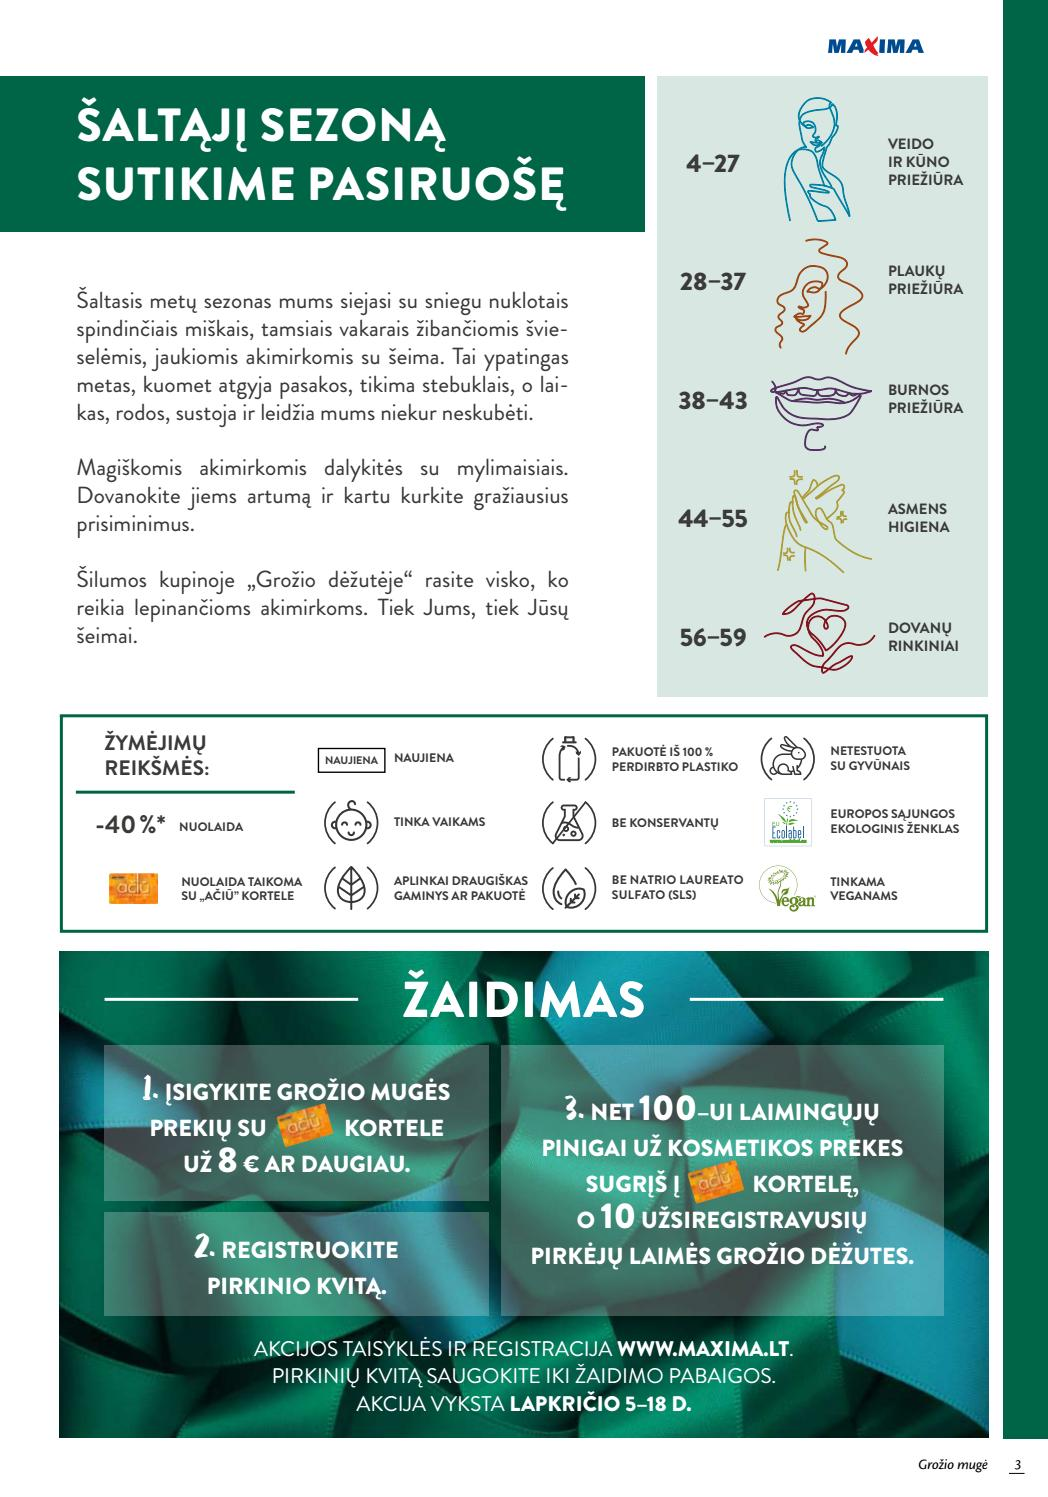 """MAXIMA XX XXX kaininis katalogas """"GROŽIO MUGĖ"""" 2020.11.05 - 2020.11.18(leidinio galiojimas yra pasibaigęs)"""